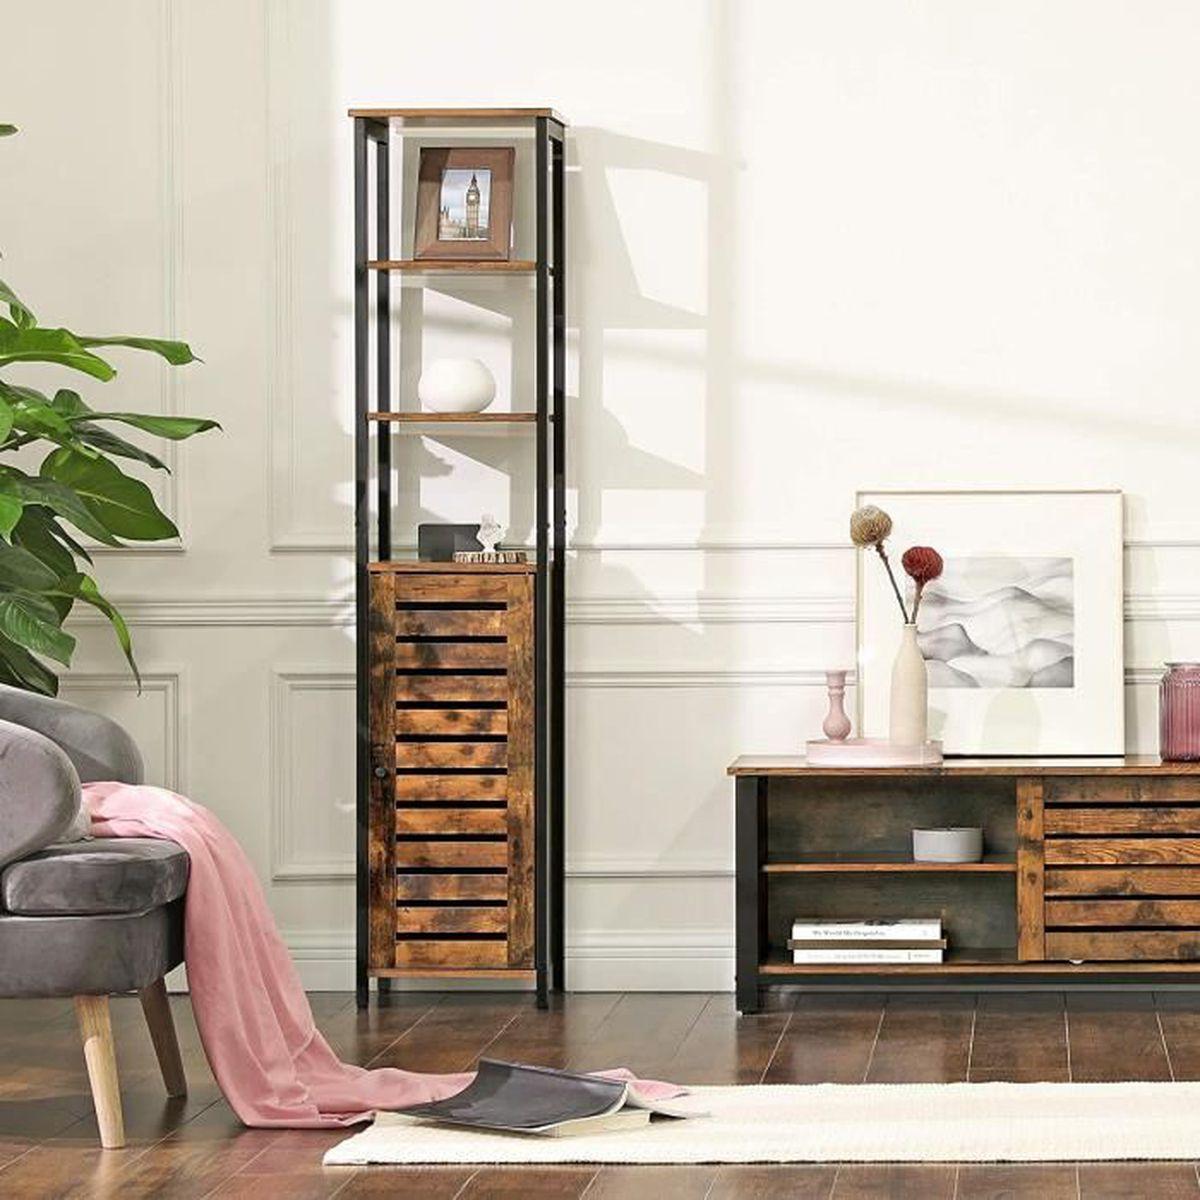 VASAGLE Meuble colonne, Meuble de rangement, Style industriel, Armoire de  salle de bain, 37 x 30 x 167 cm LSC37BX